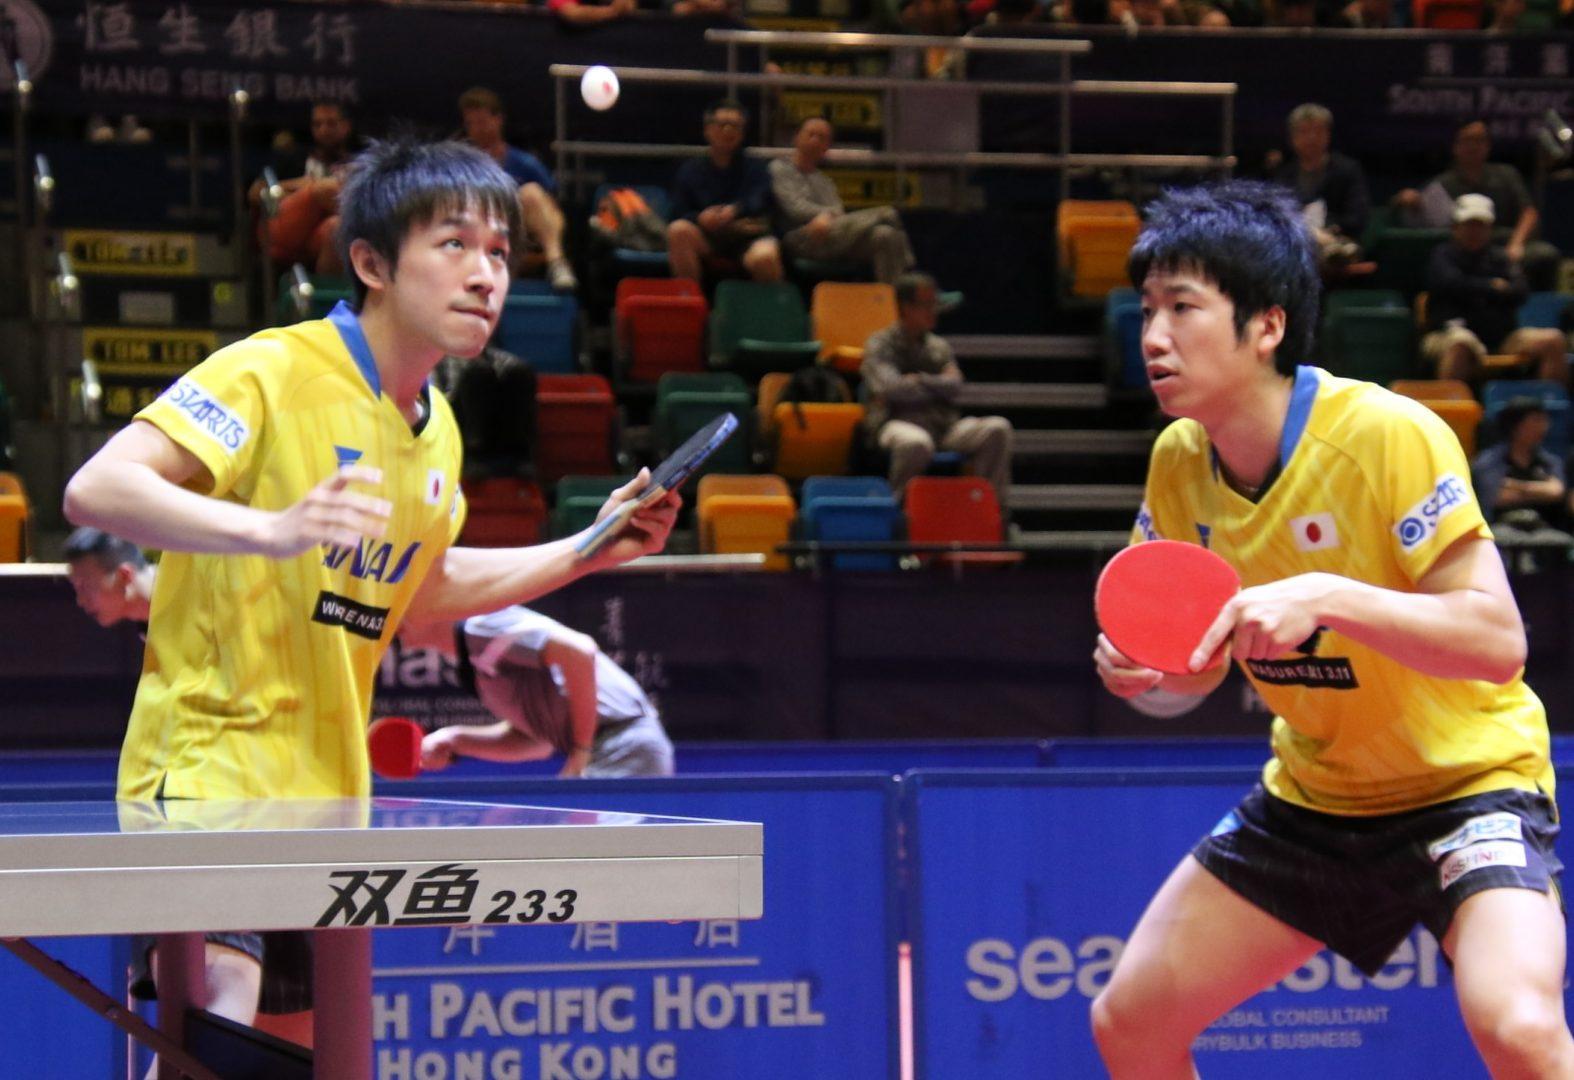 【卓球】左利き×左利きのダブルスは強いのか?過去には五輪で銅メダル獲得ペアも